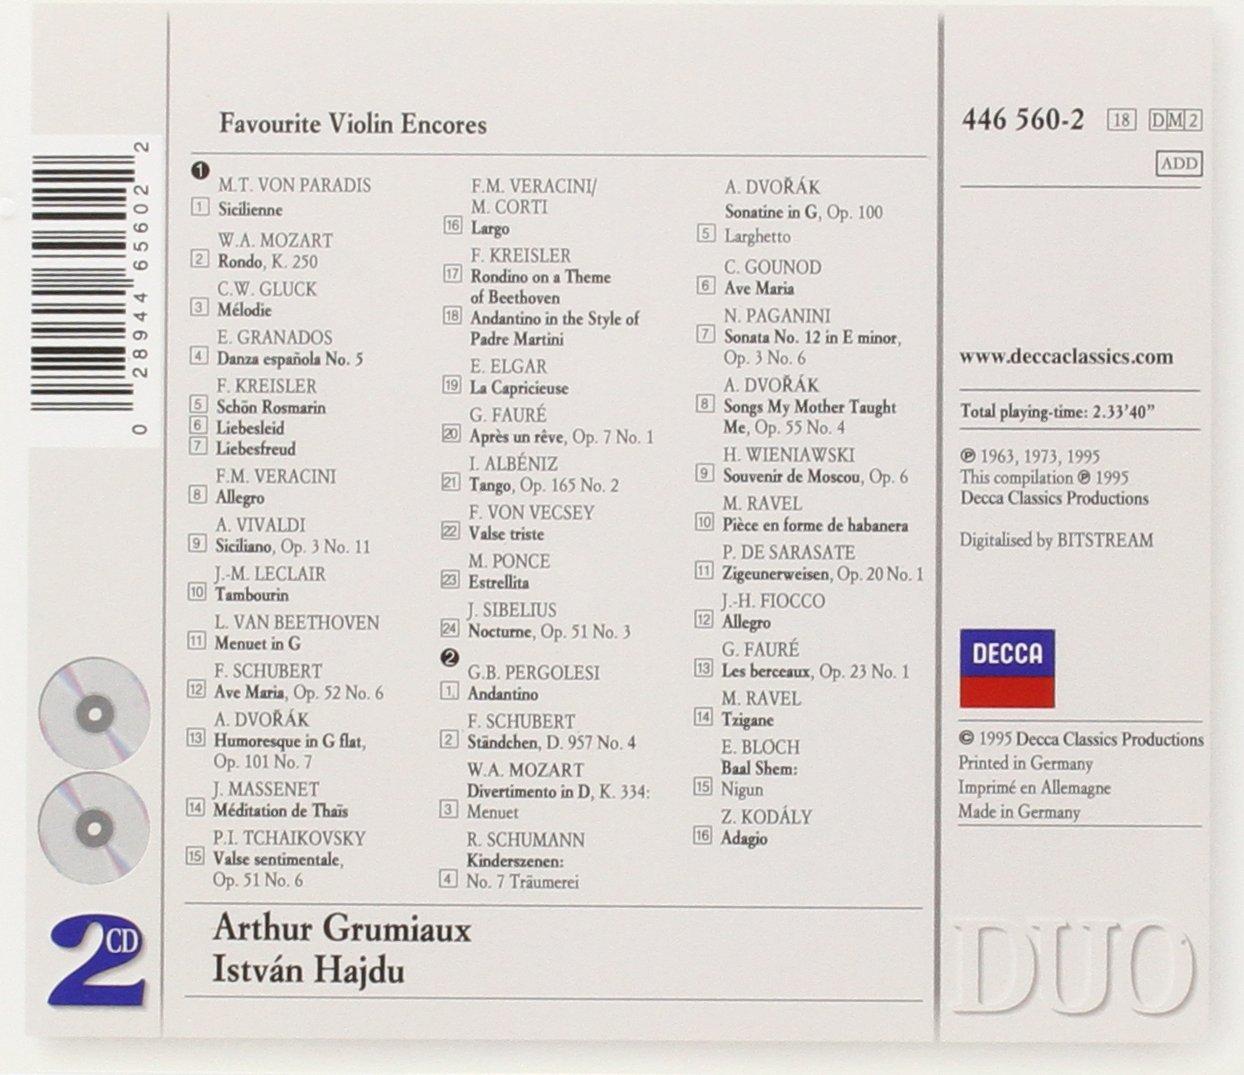 Favorite Violin Encores